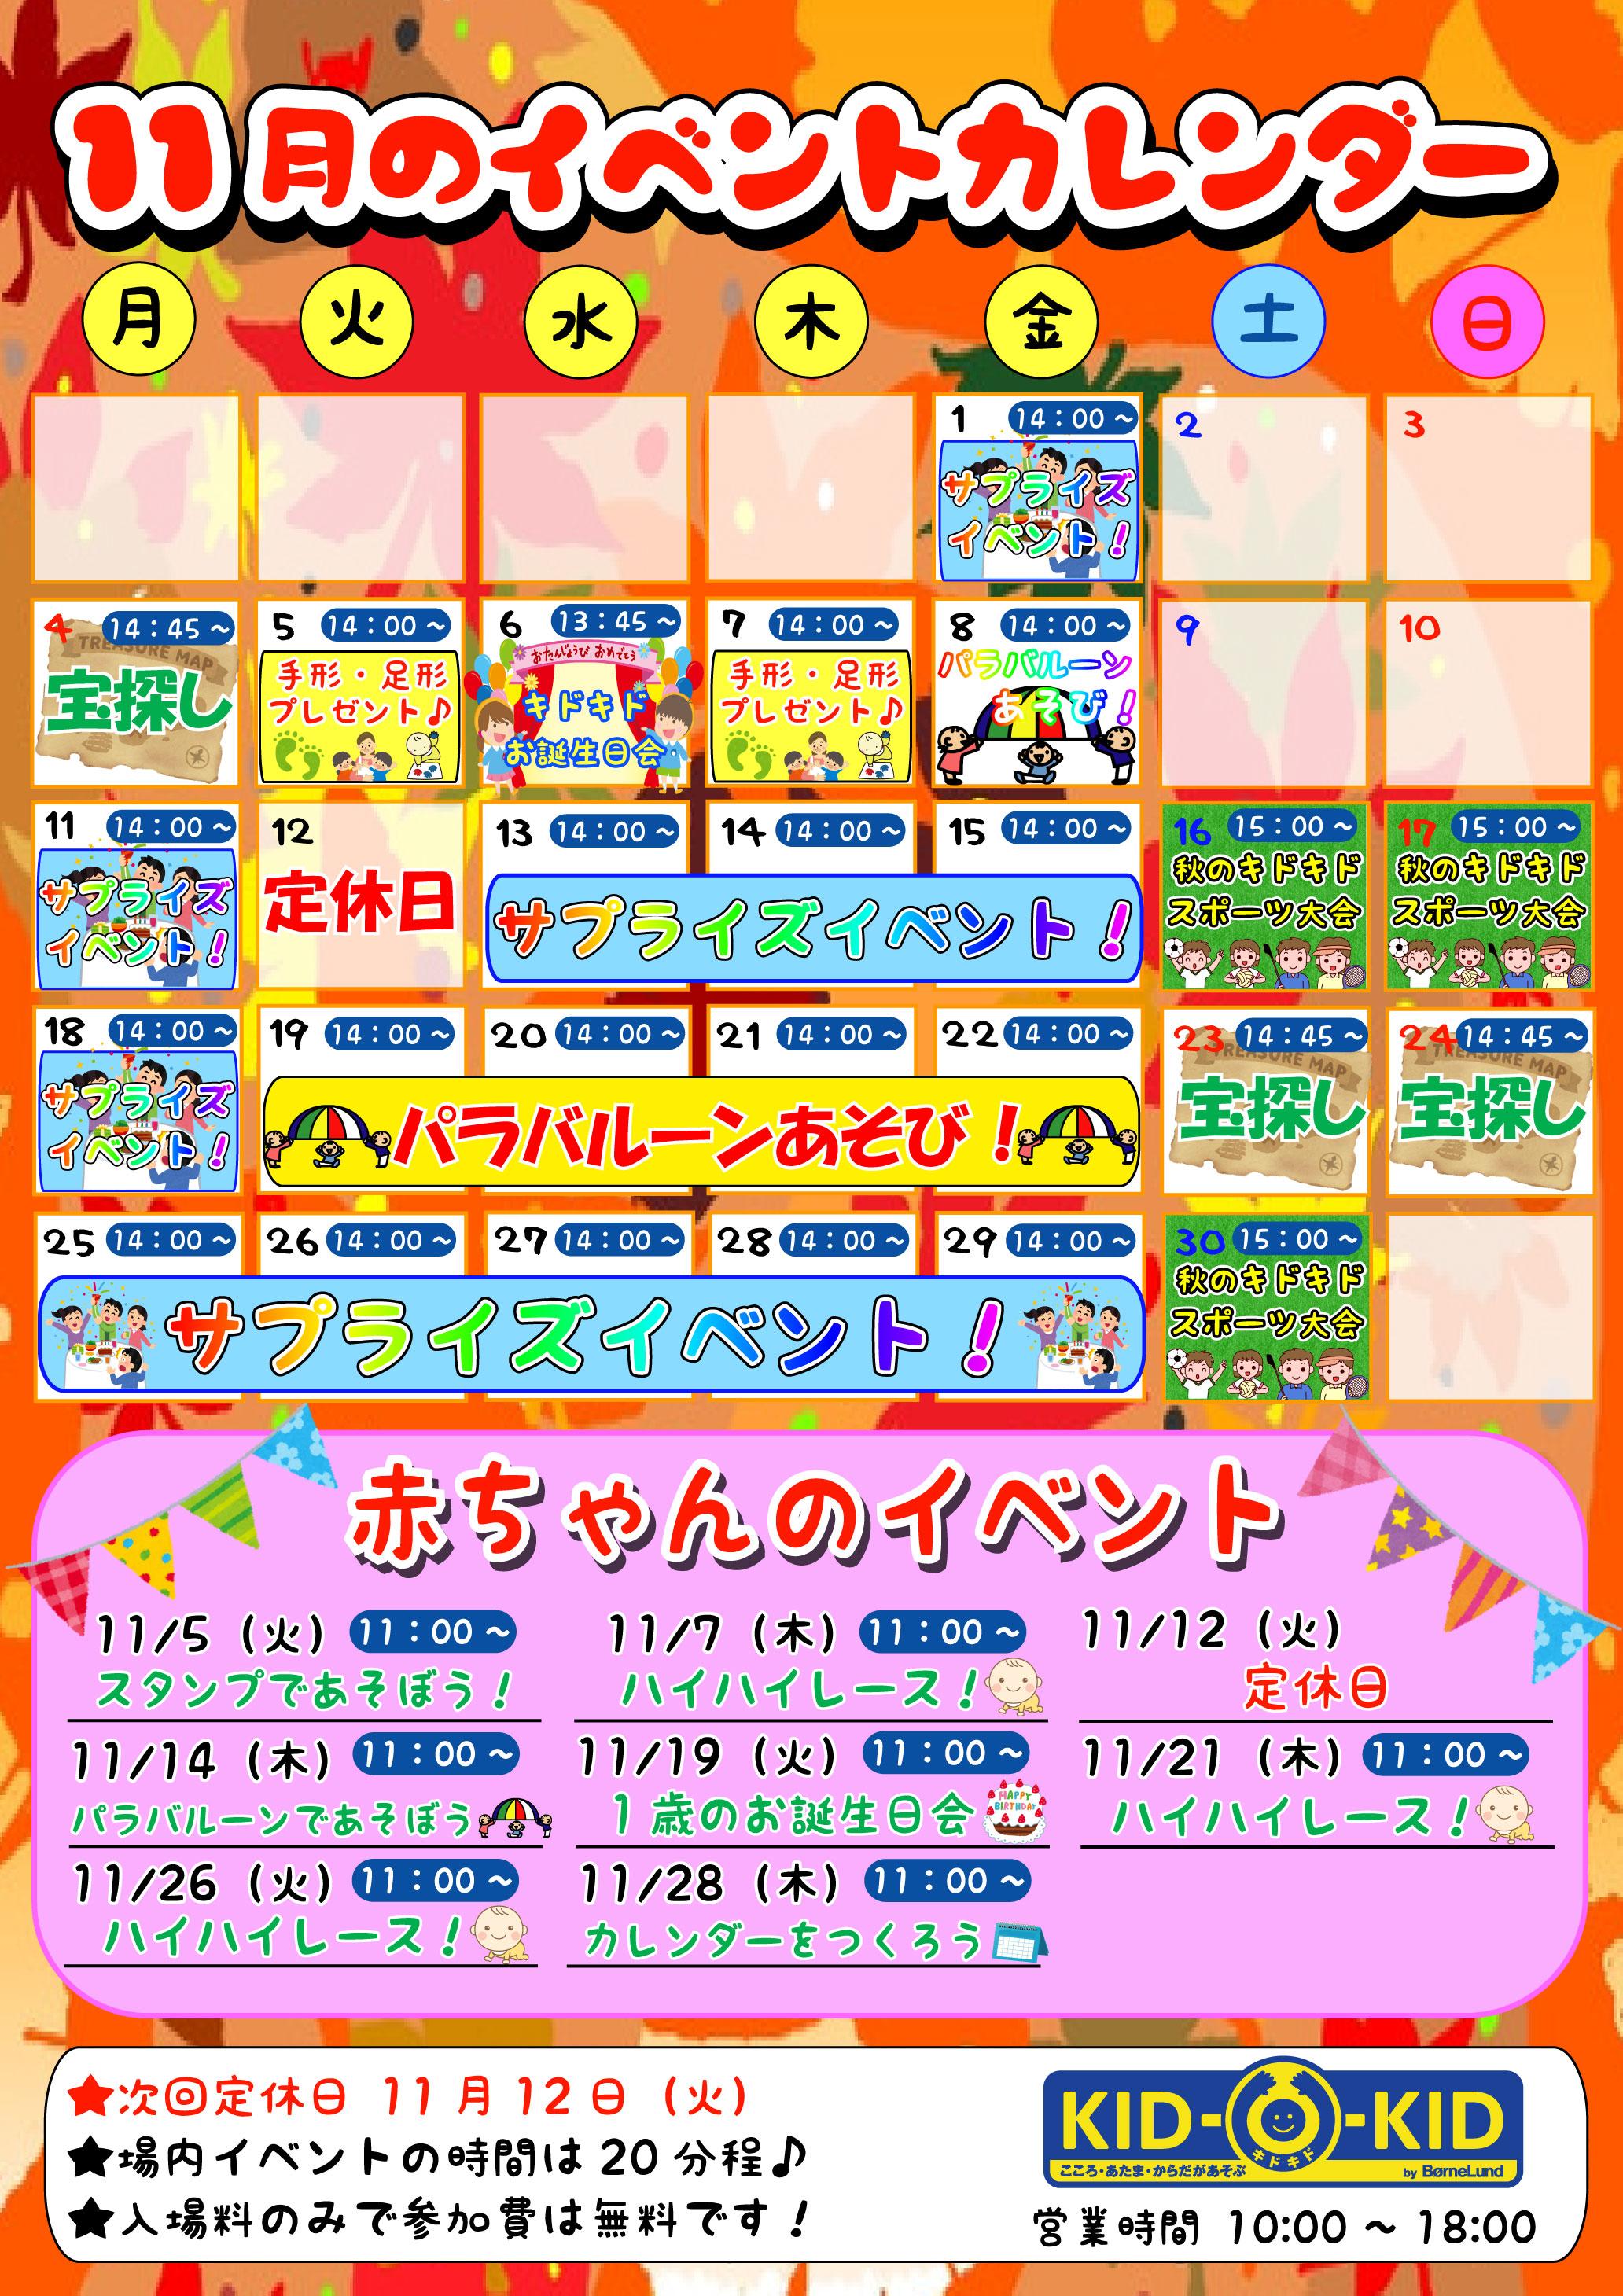 ★11月の場内イベントカレンダー★